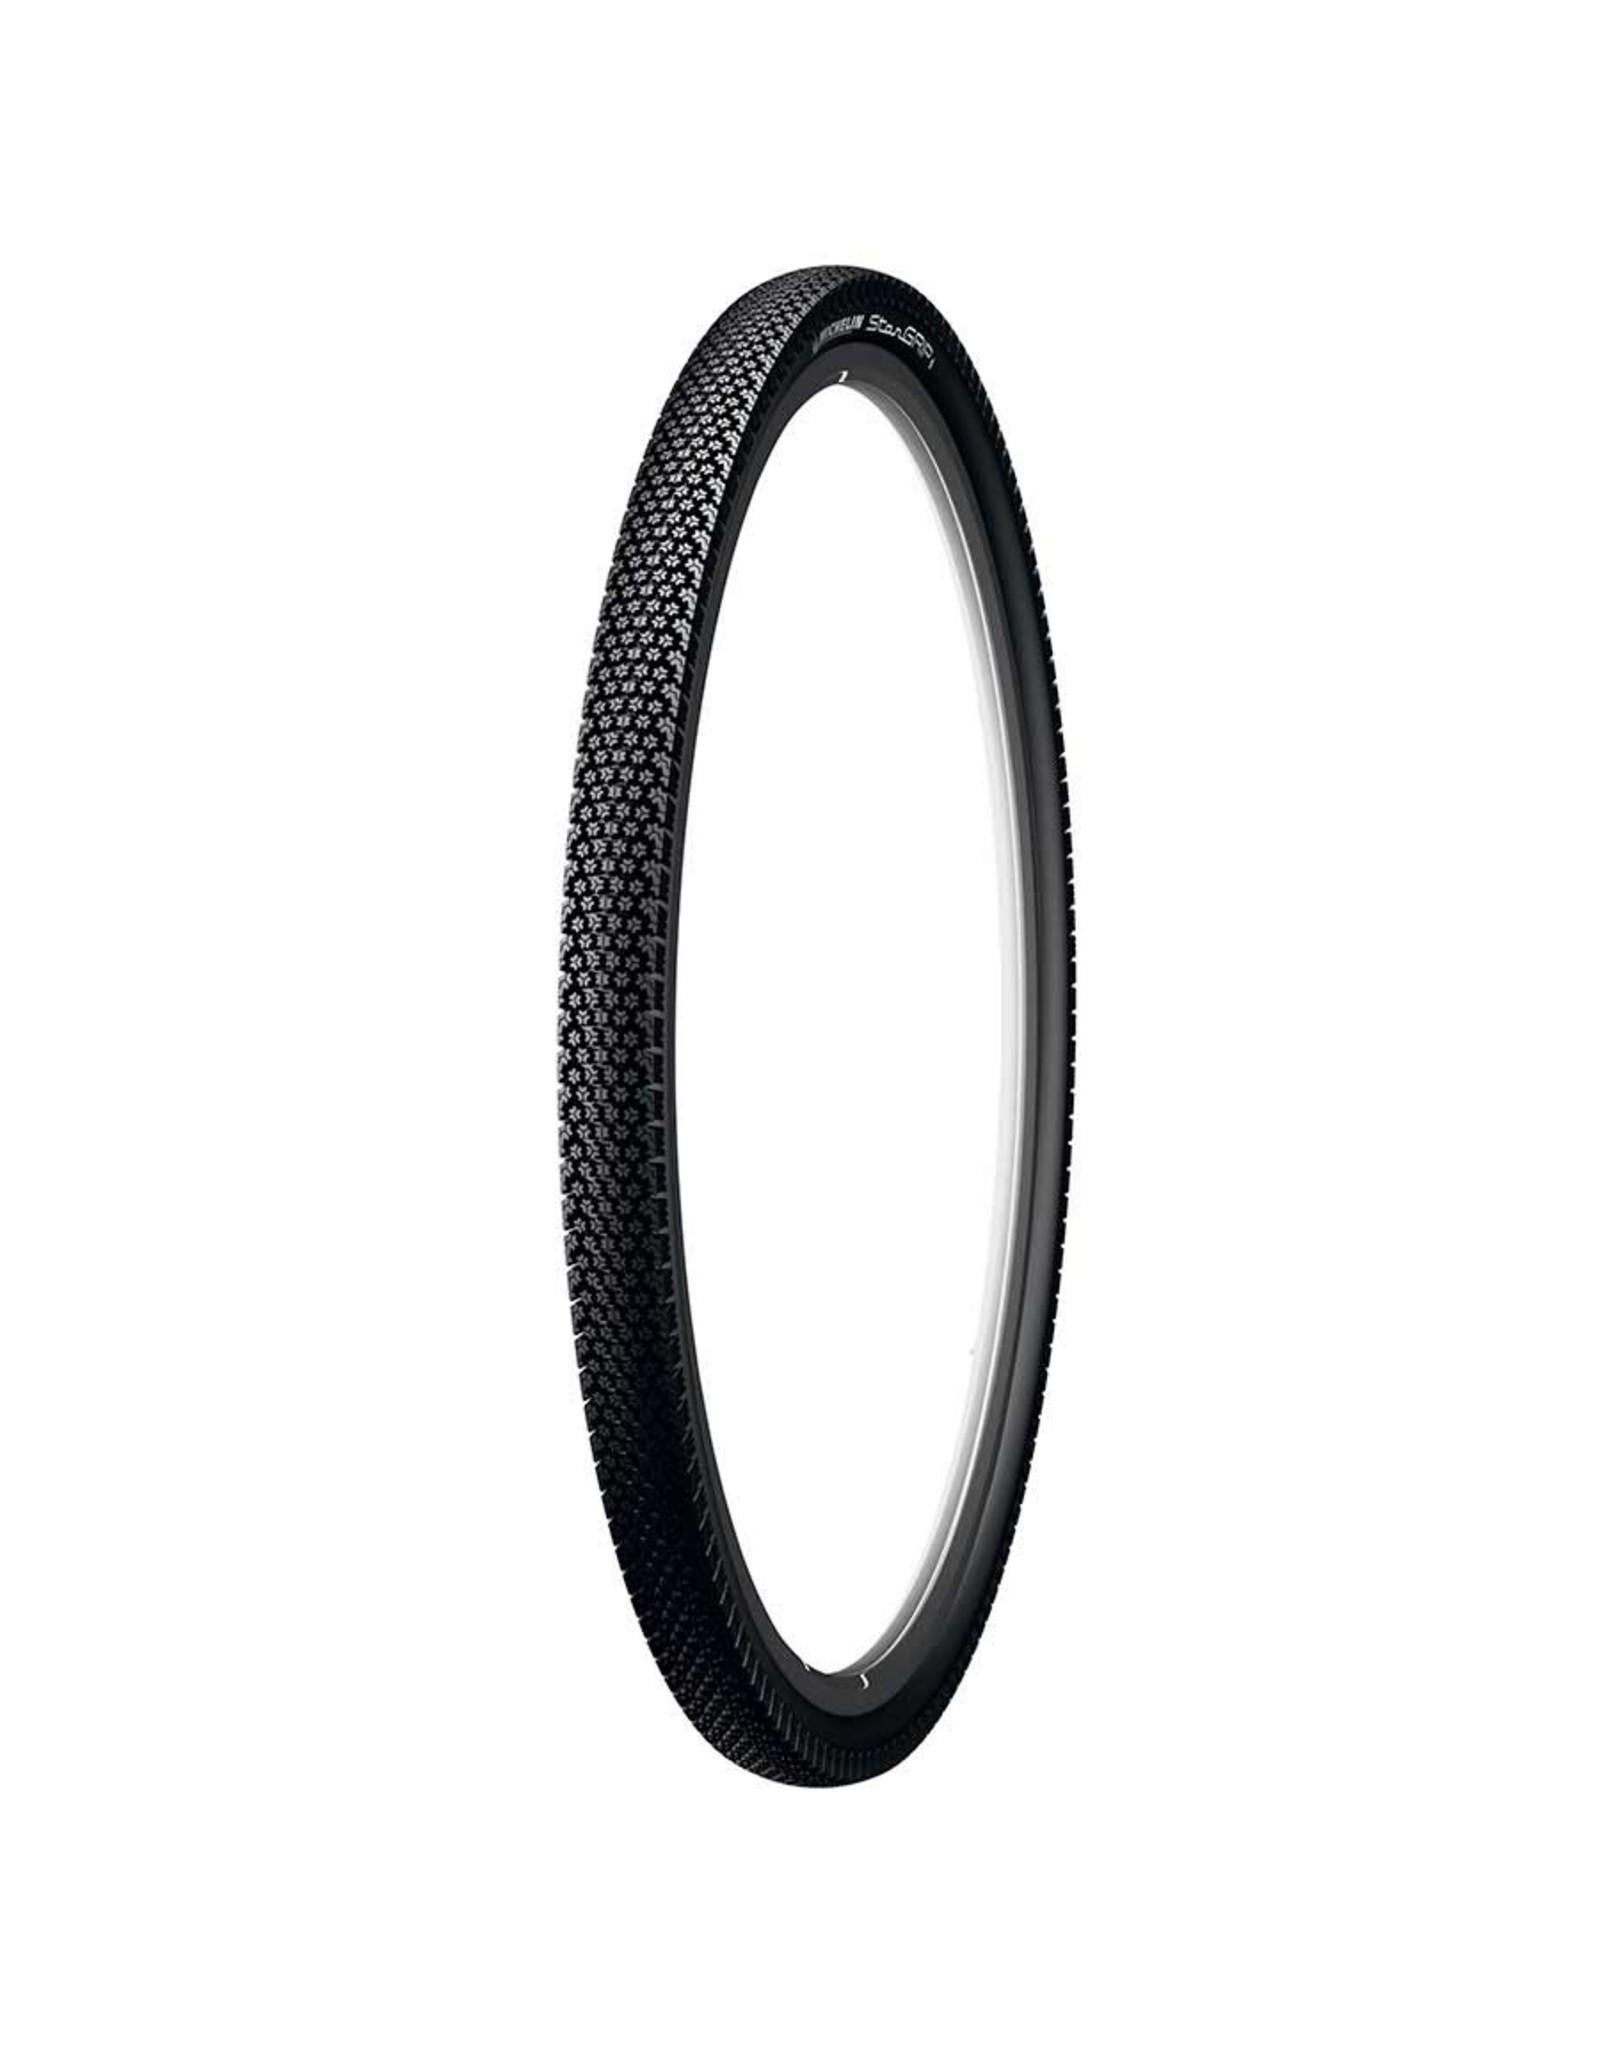 Michelin, Stargrip, Tire, 700x35C, Wire, Clincher, Winter, Nylon HD, 22TPI, Black